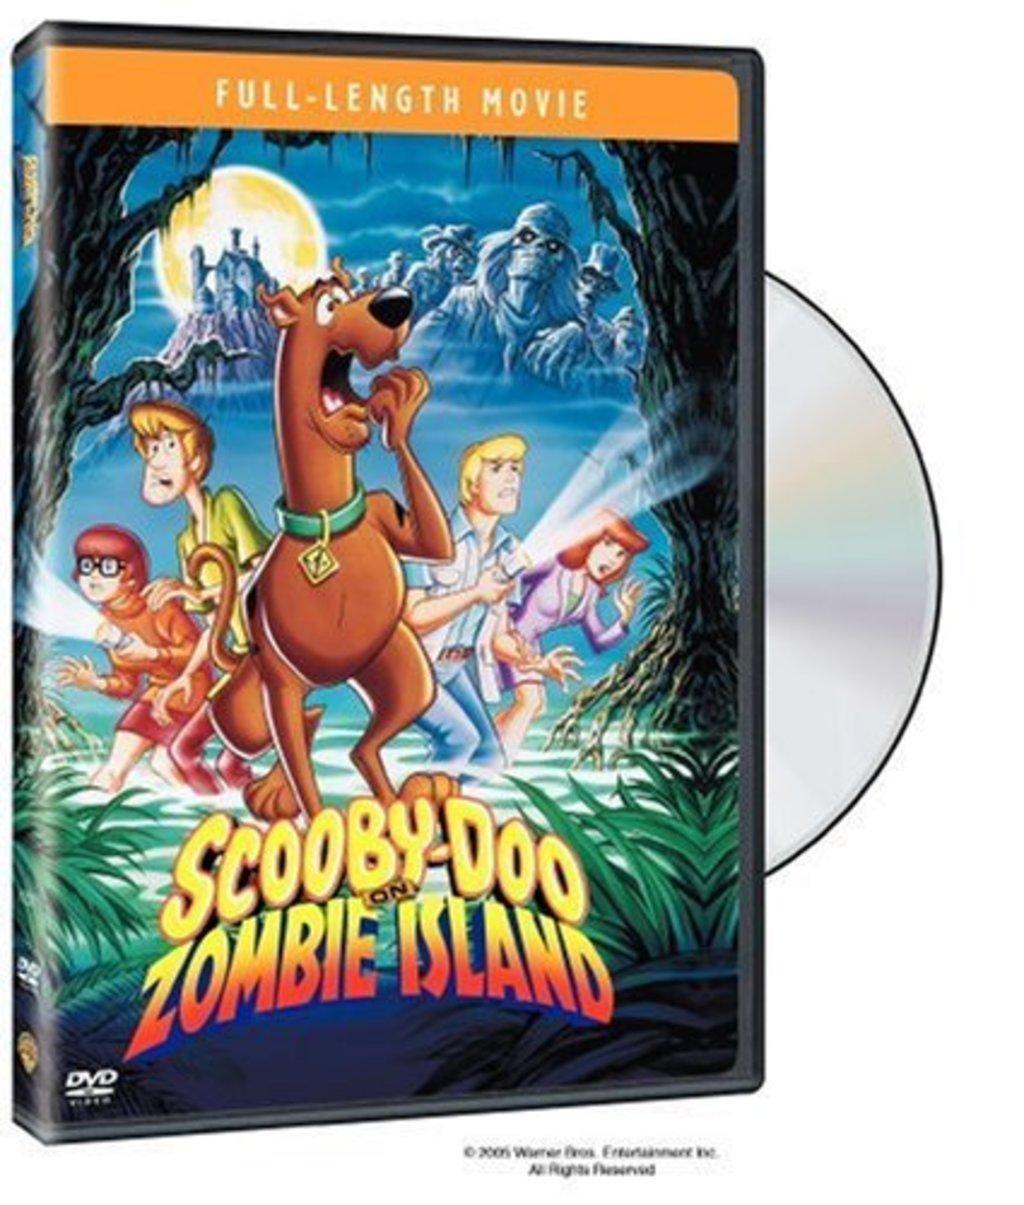 Watch Scooby-Doo on Zombie Island on Netflix Today ... | 1024 x 1205 jpeg 171kB